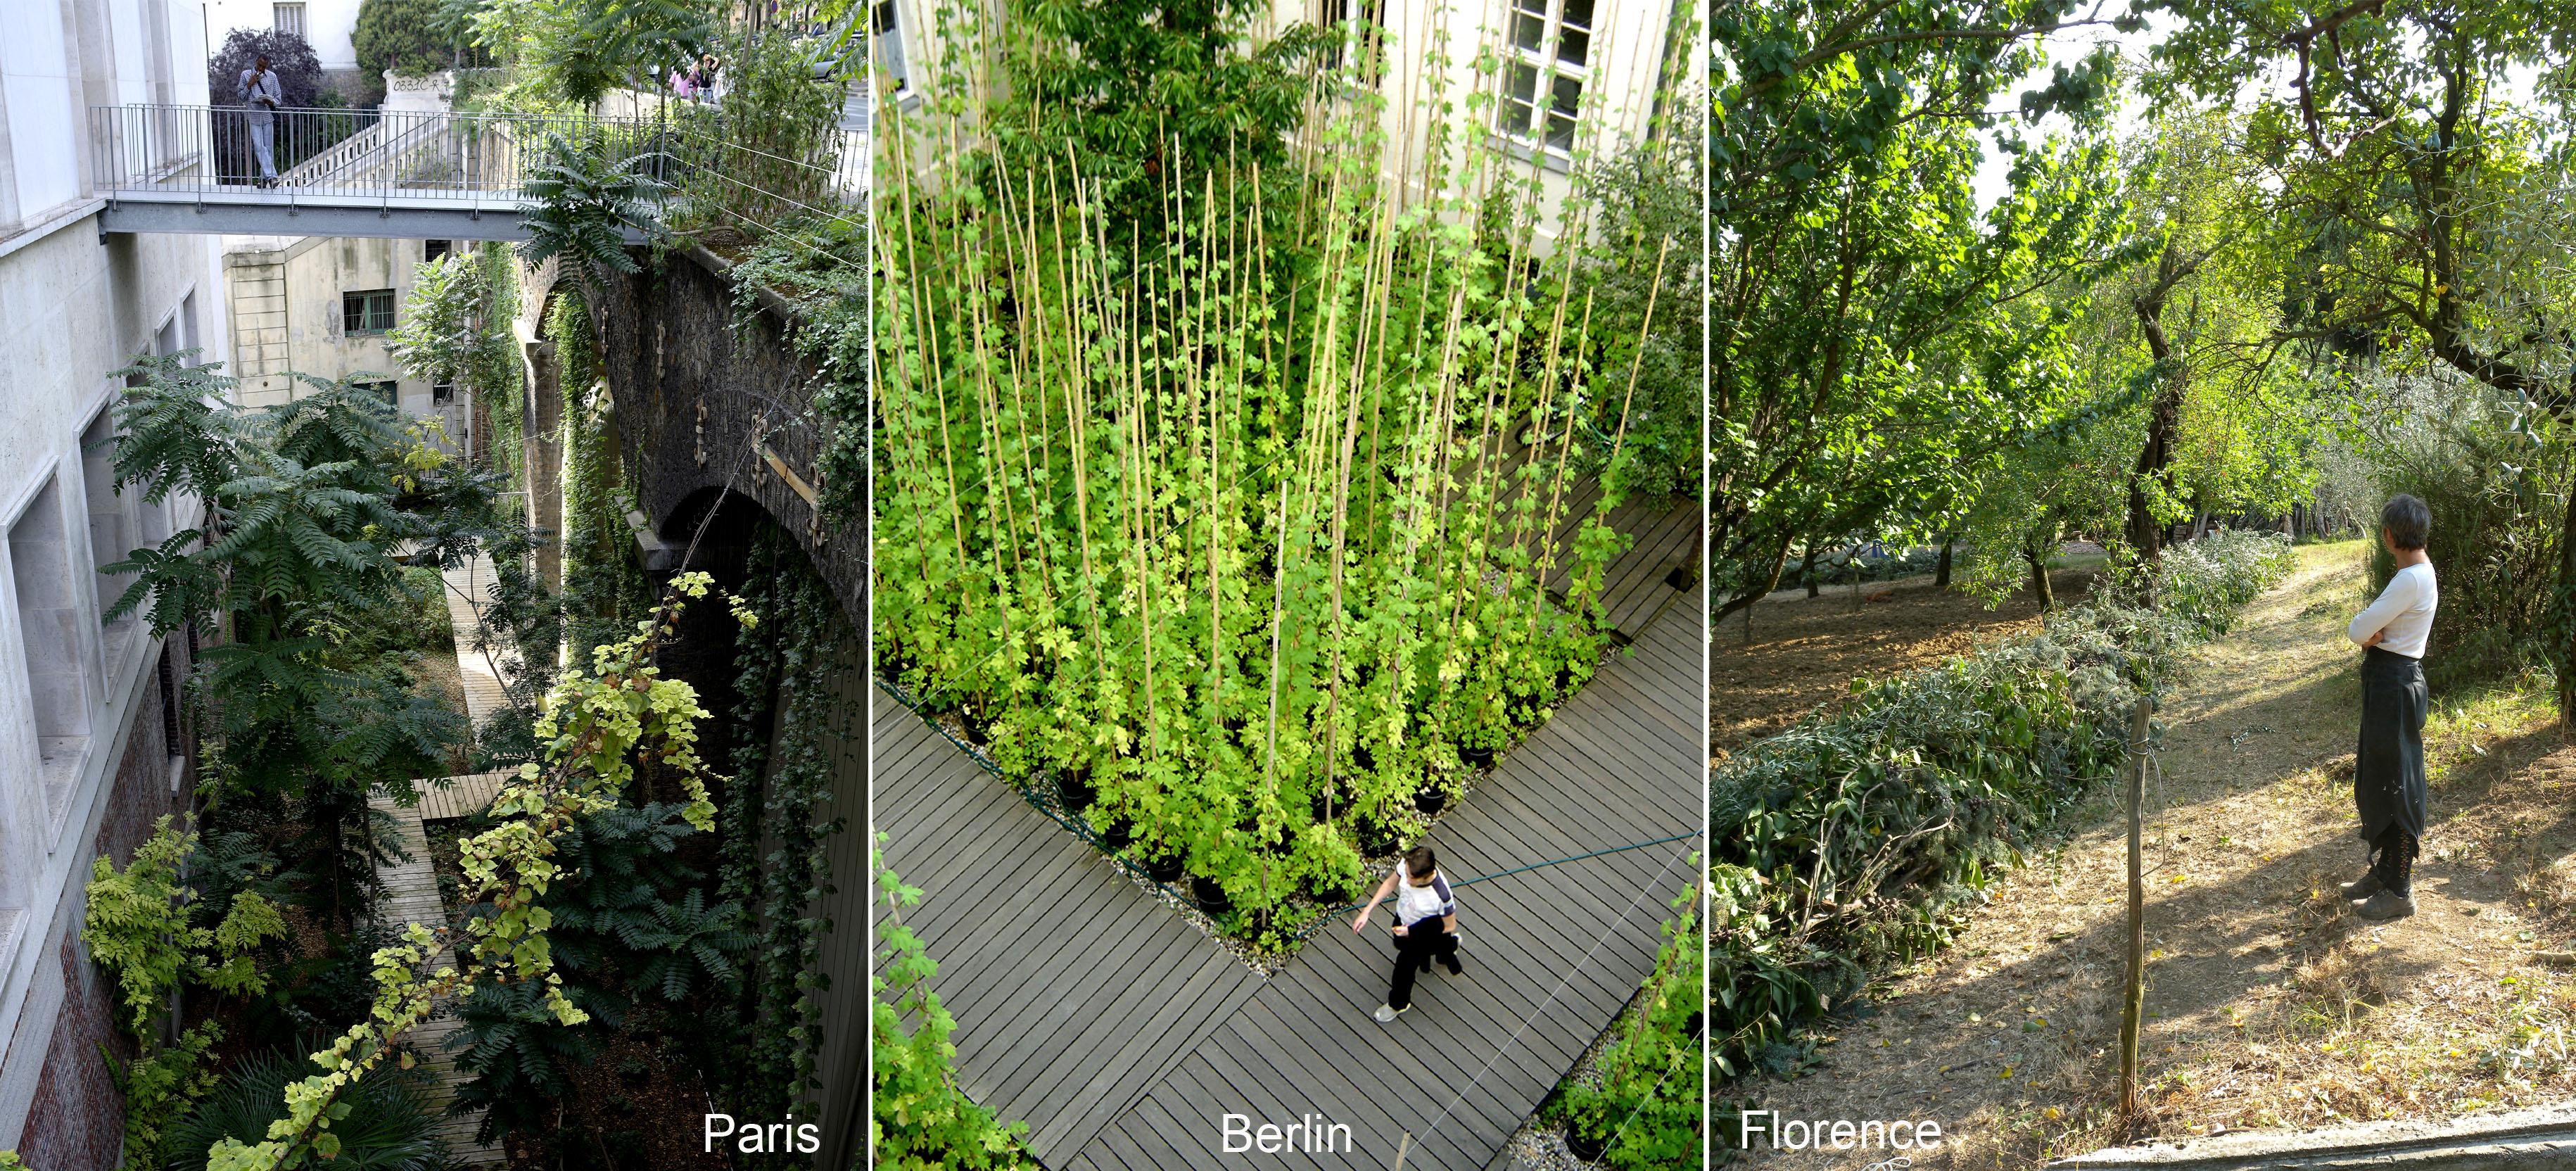 paris-berlin-florence-atelier-le-balto1.jpg (3661×1664) | Outdoor ...